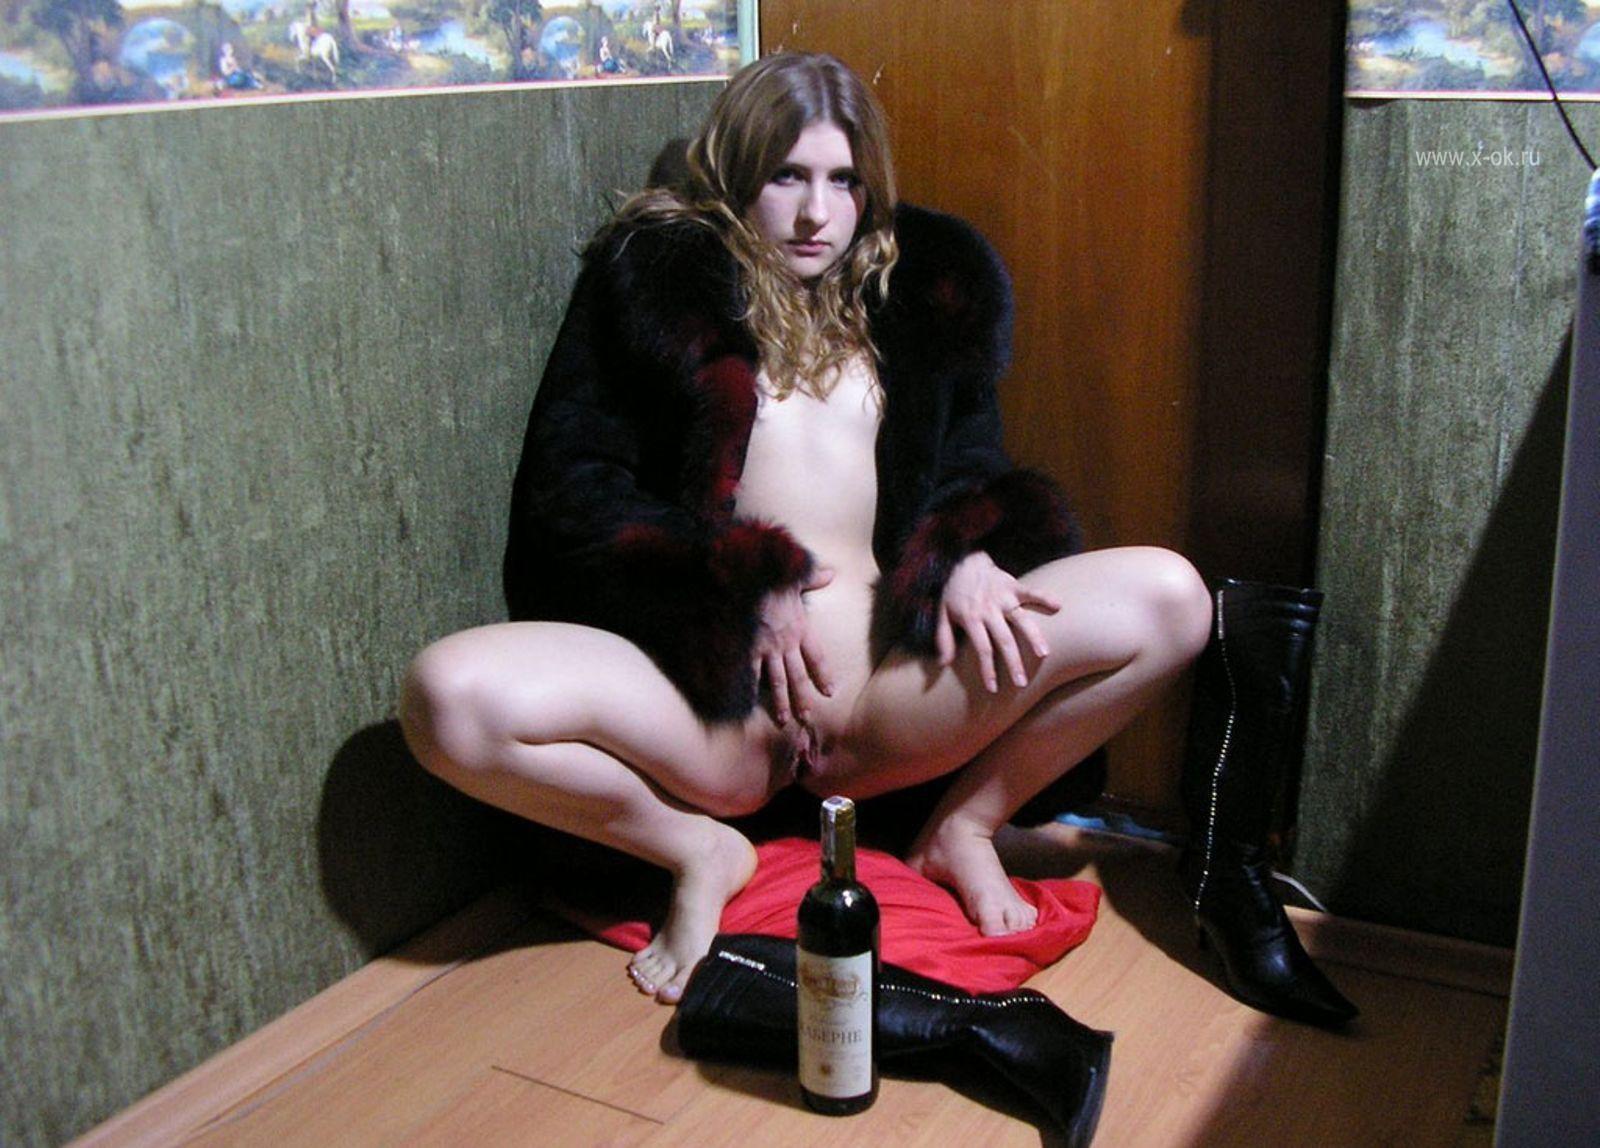 Фотографии пьяных девушек ххх, секс бар в москве видео